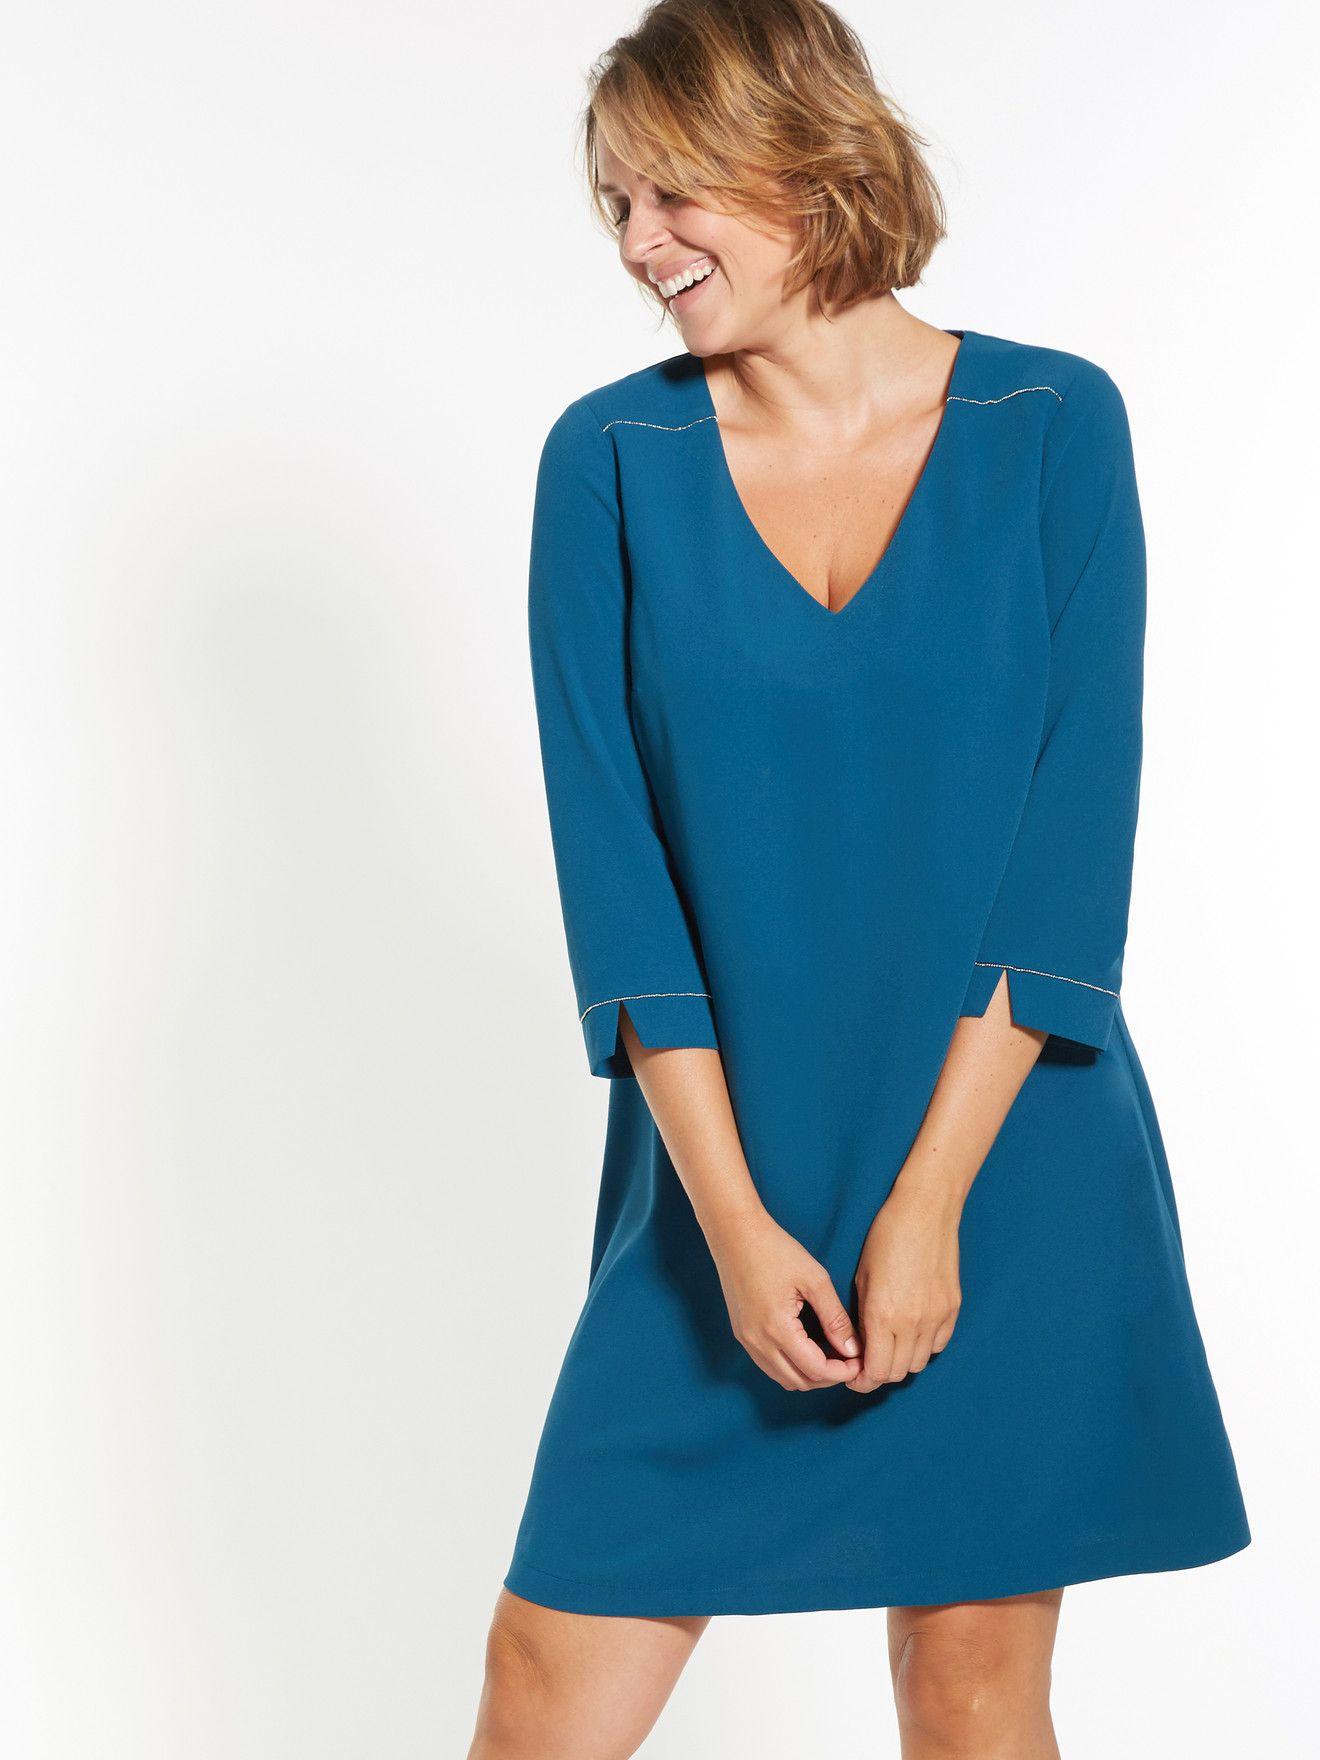 20d44240d2de6 Robe trapèze poitrine généreuse bleu Femme BALSAMIK   tenues ...